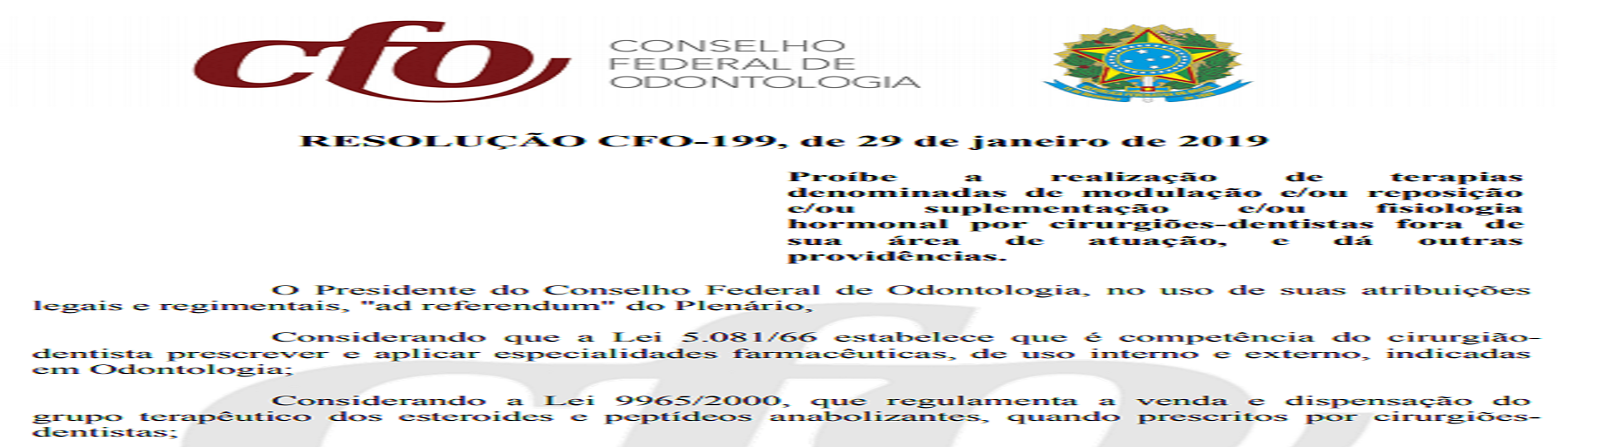 Print_Resoluo_199_CFO_-_1600_x_447